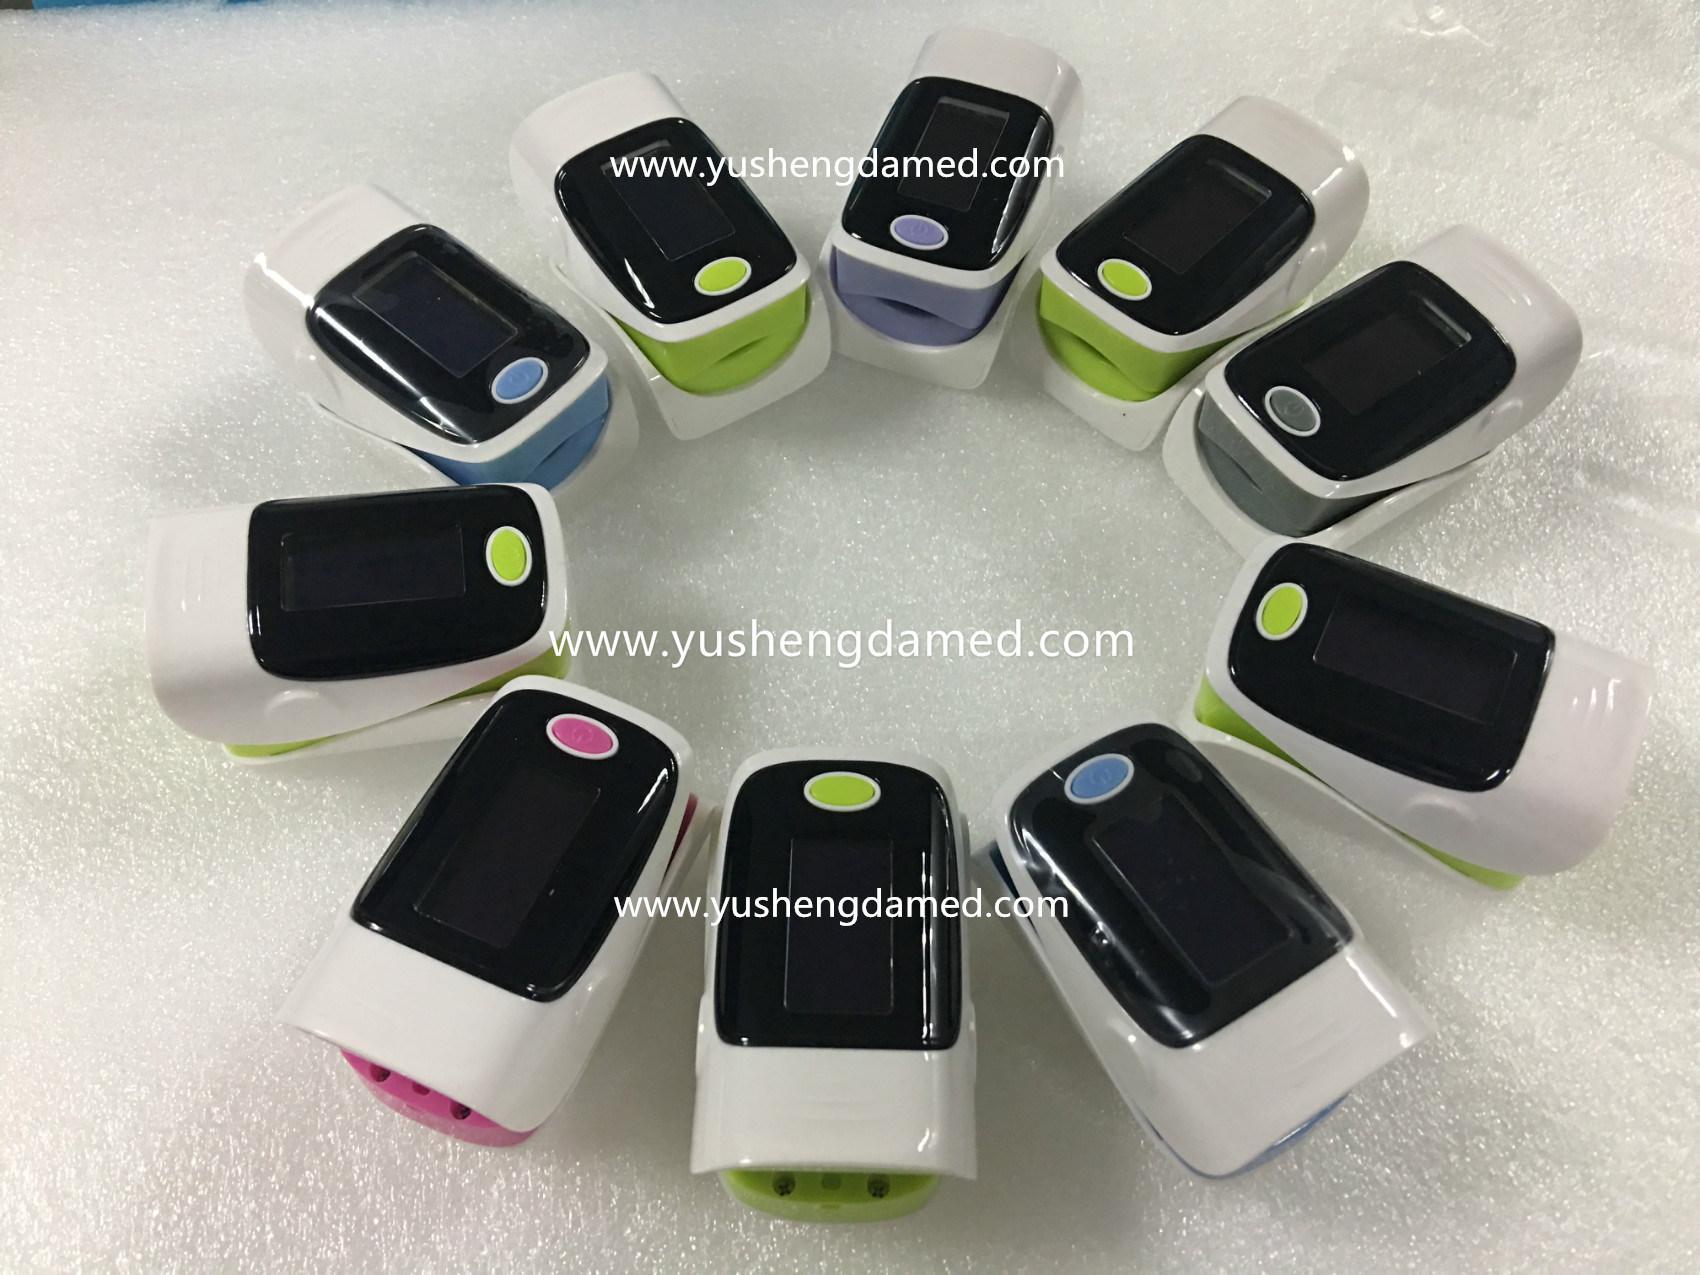 Hottest Digital Medical Equipment SpO2 Monitor OLED Fingertip Pulse Oximeter